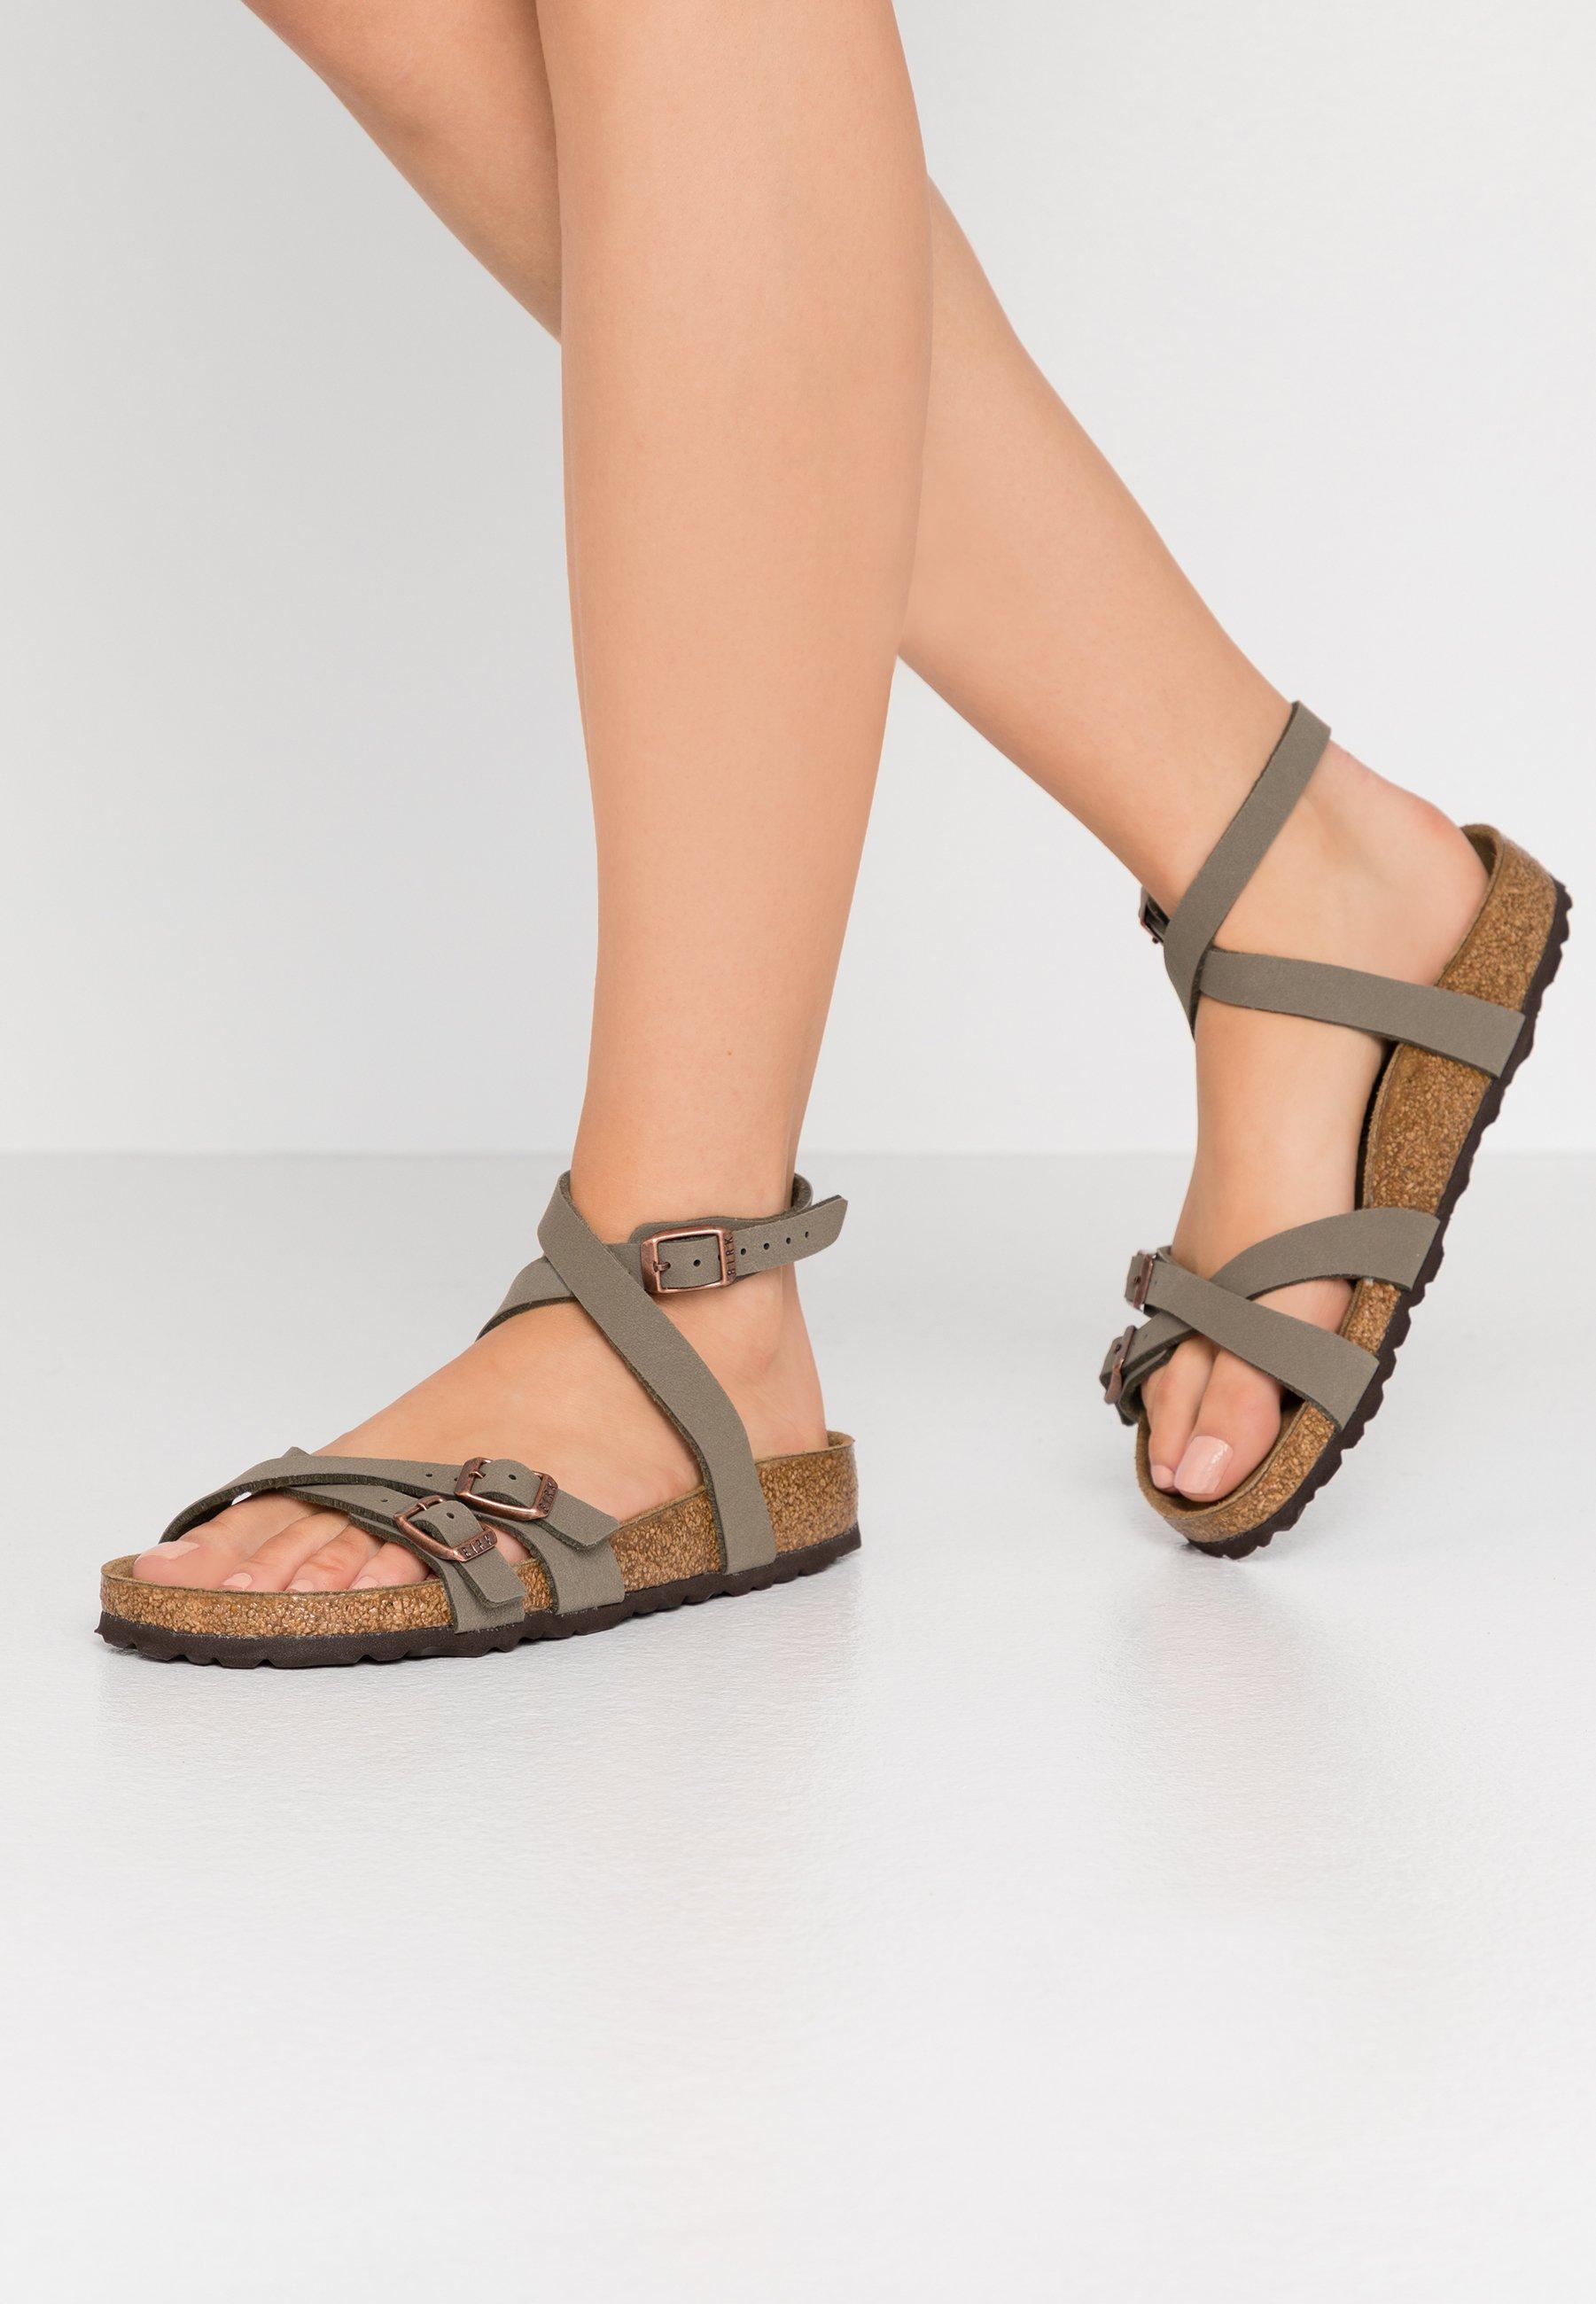 Riemchensandaletten | Das Upgrade für deine Füße bei ZALANDO